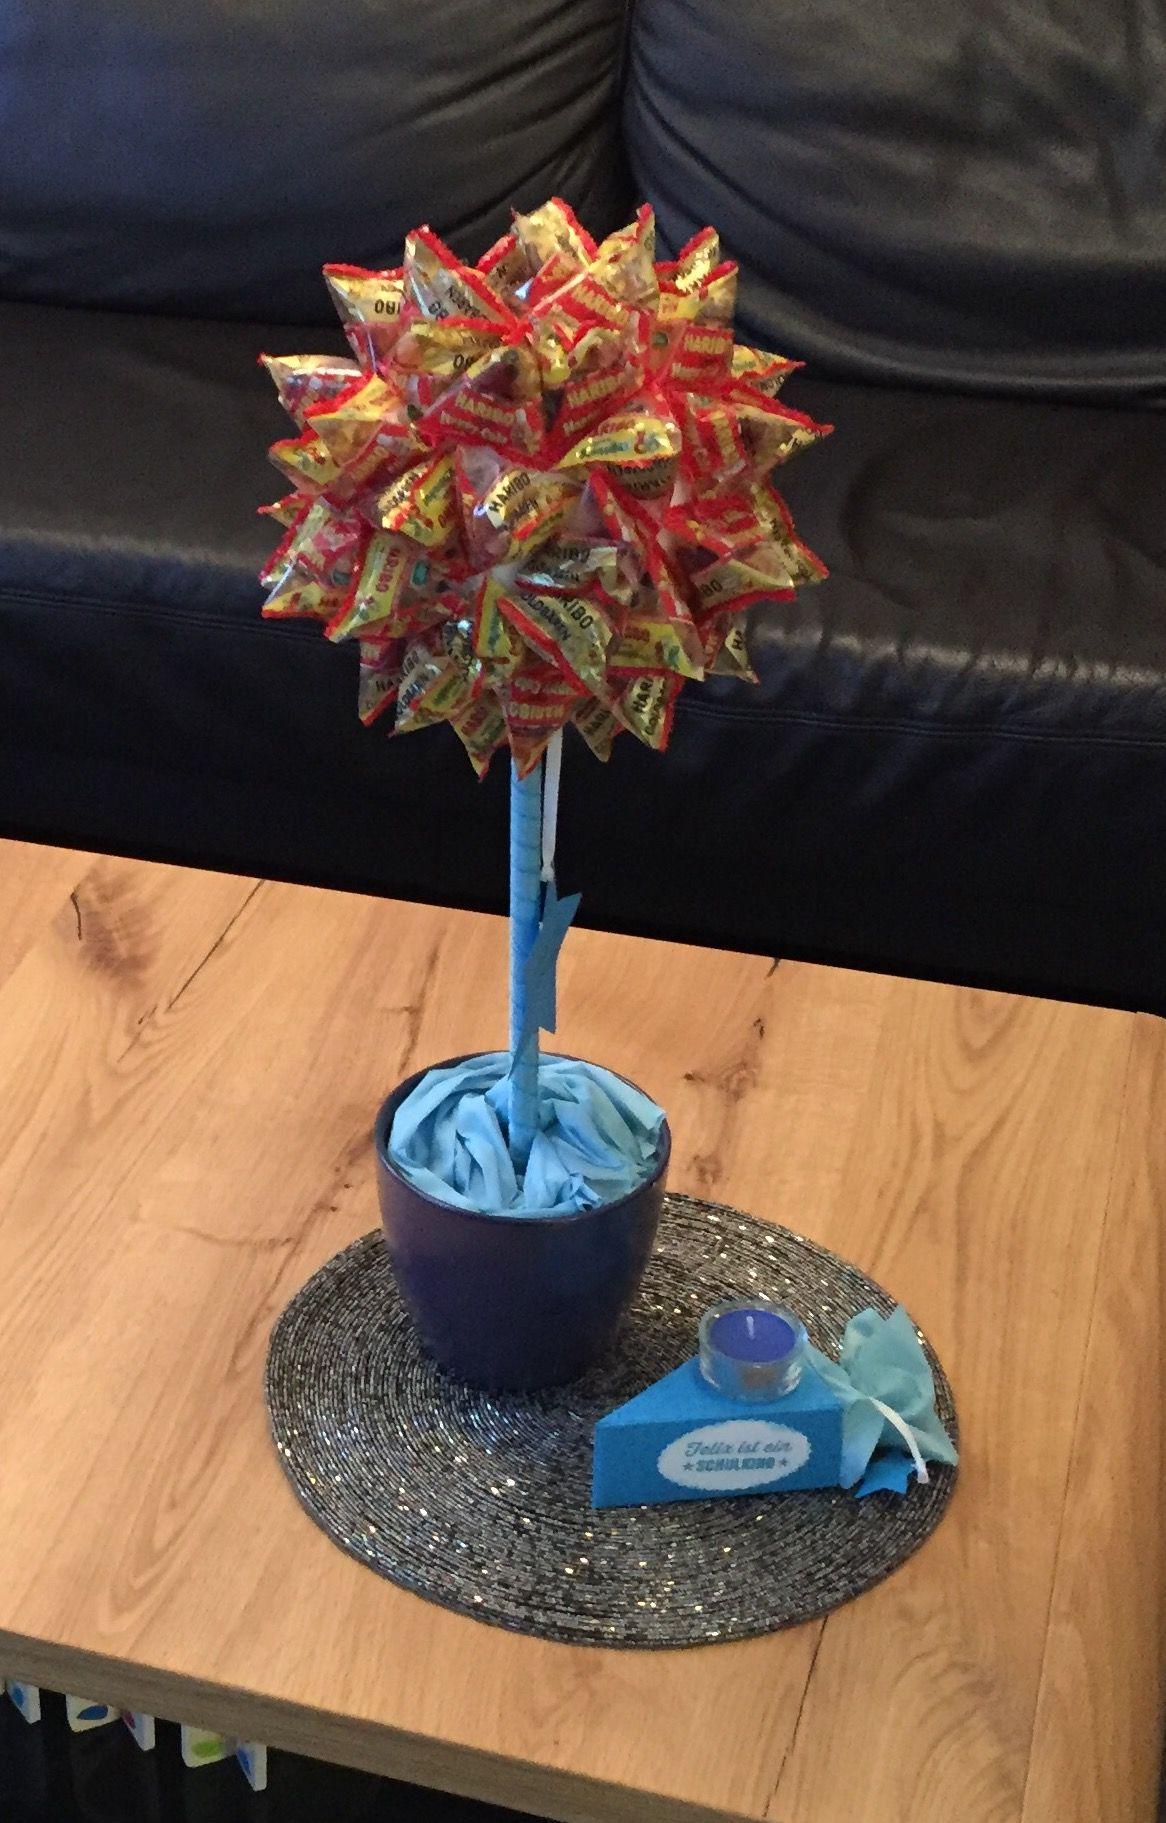 zuckerbaum gummib rchen party geschenk jubil um naschbaum katy 39 s crafting room pinterest. Black Bedroom Furniture Sets. Home Design Ideas